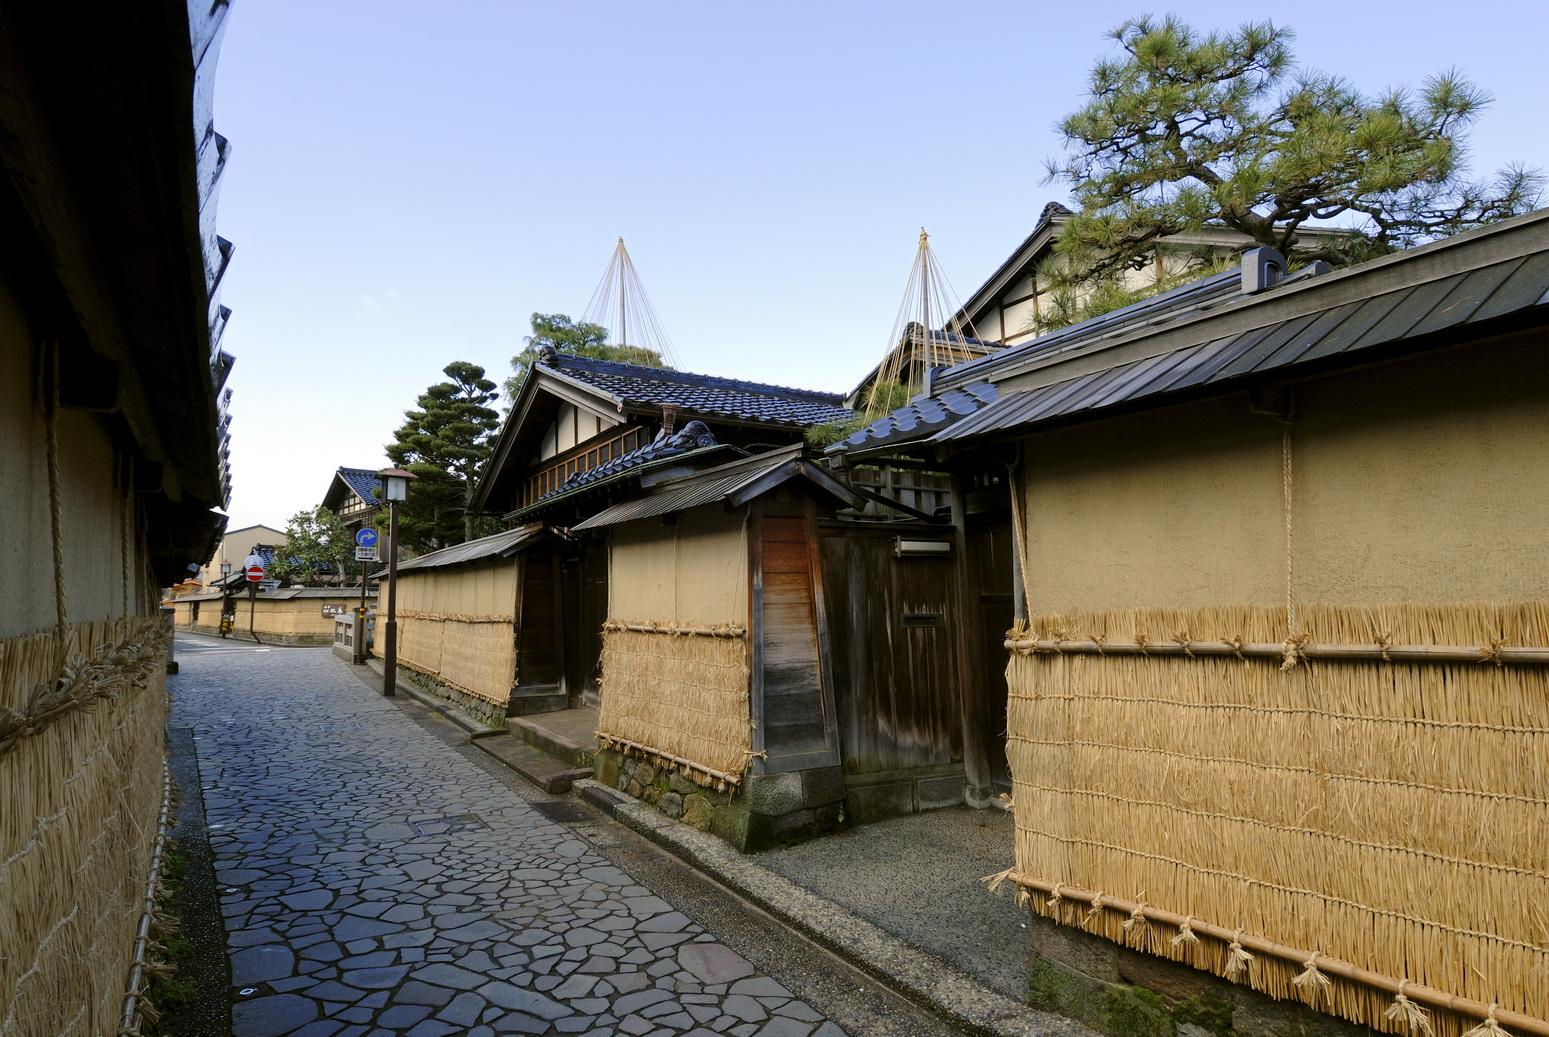 กำแพงบ้านที่ติดด้วยโคโมะ หรือเสื่อฟางในฤดูหนาว